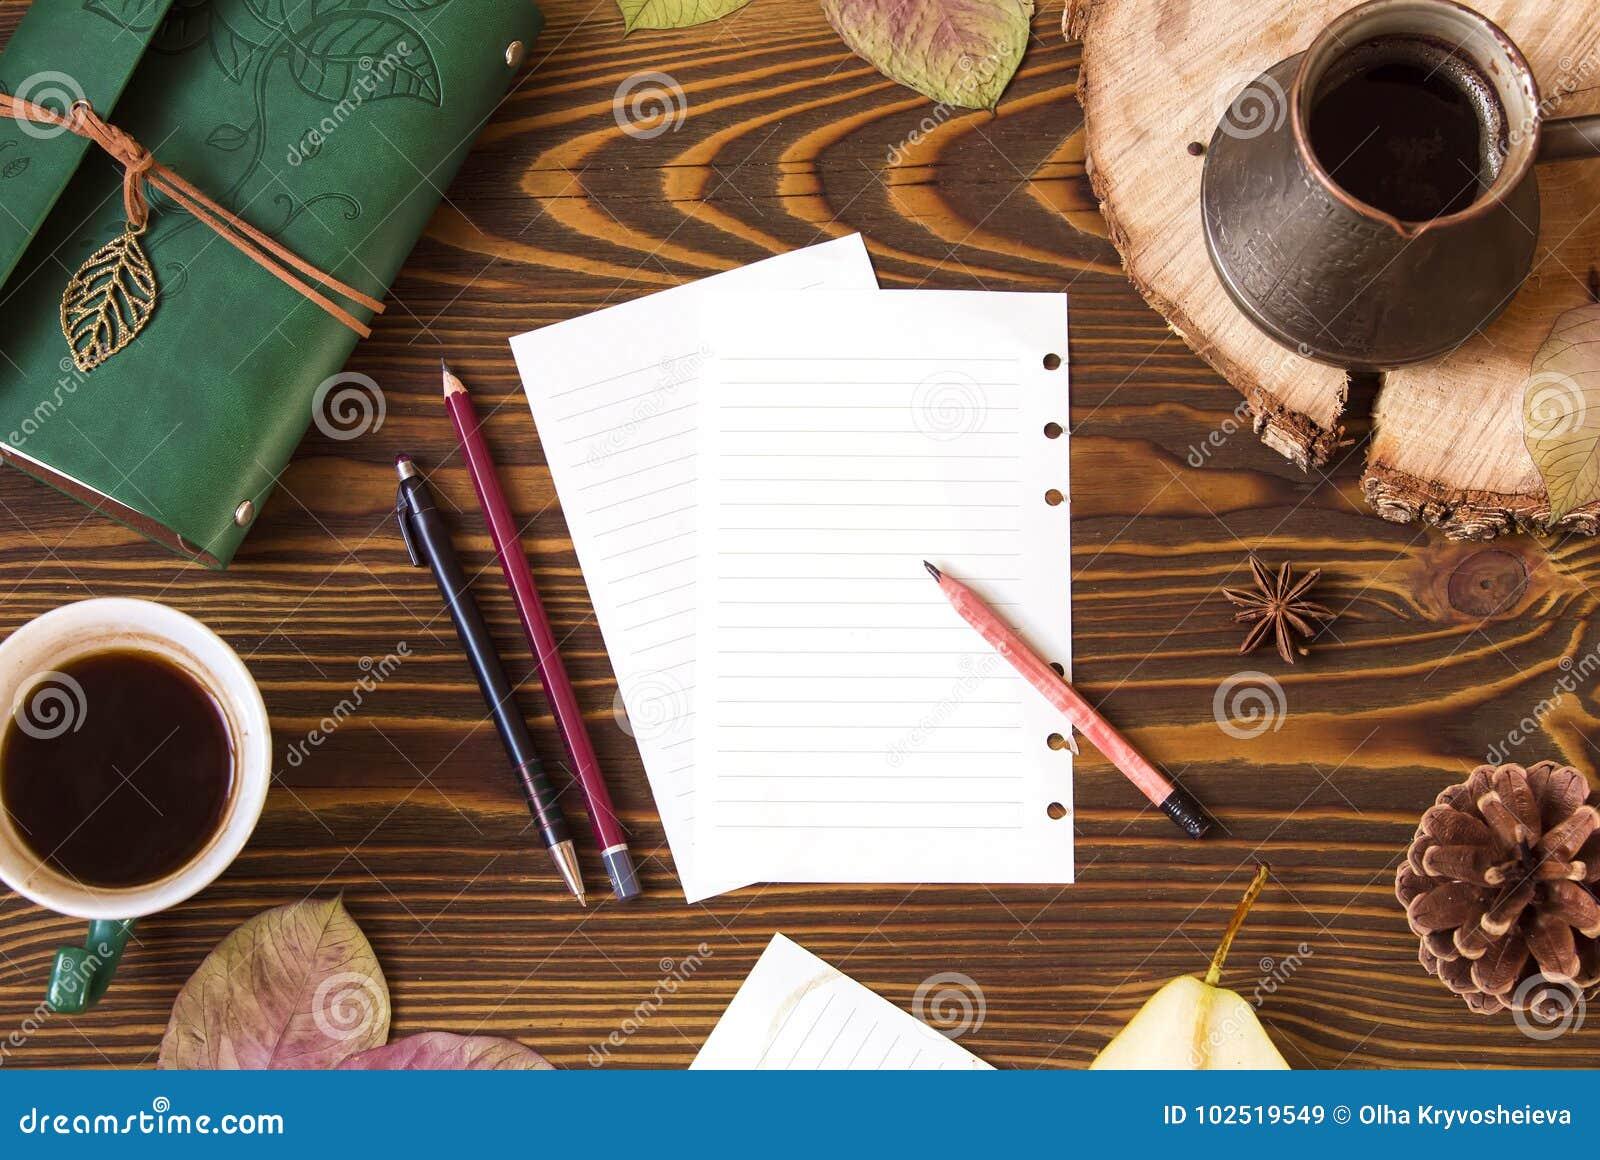 Miejsce pracy odgórny widok Drewniany tło z papierem dla notatek, nabiał, cofee, Ñ  ezve, rożek, jesień liście